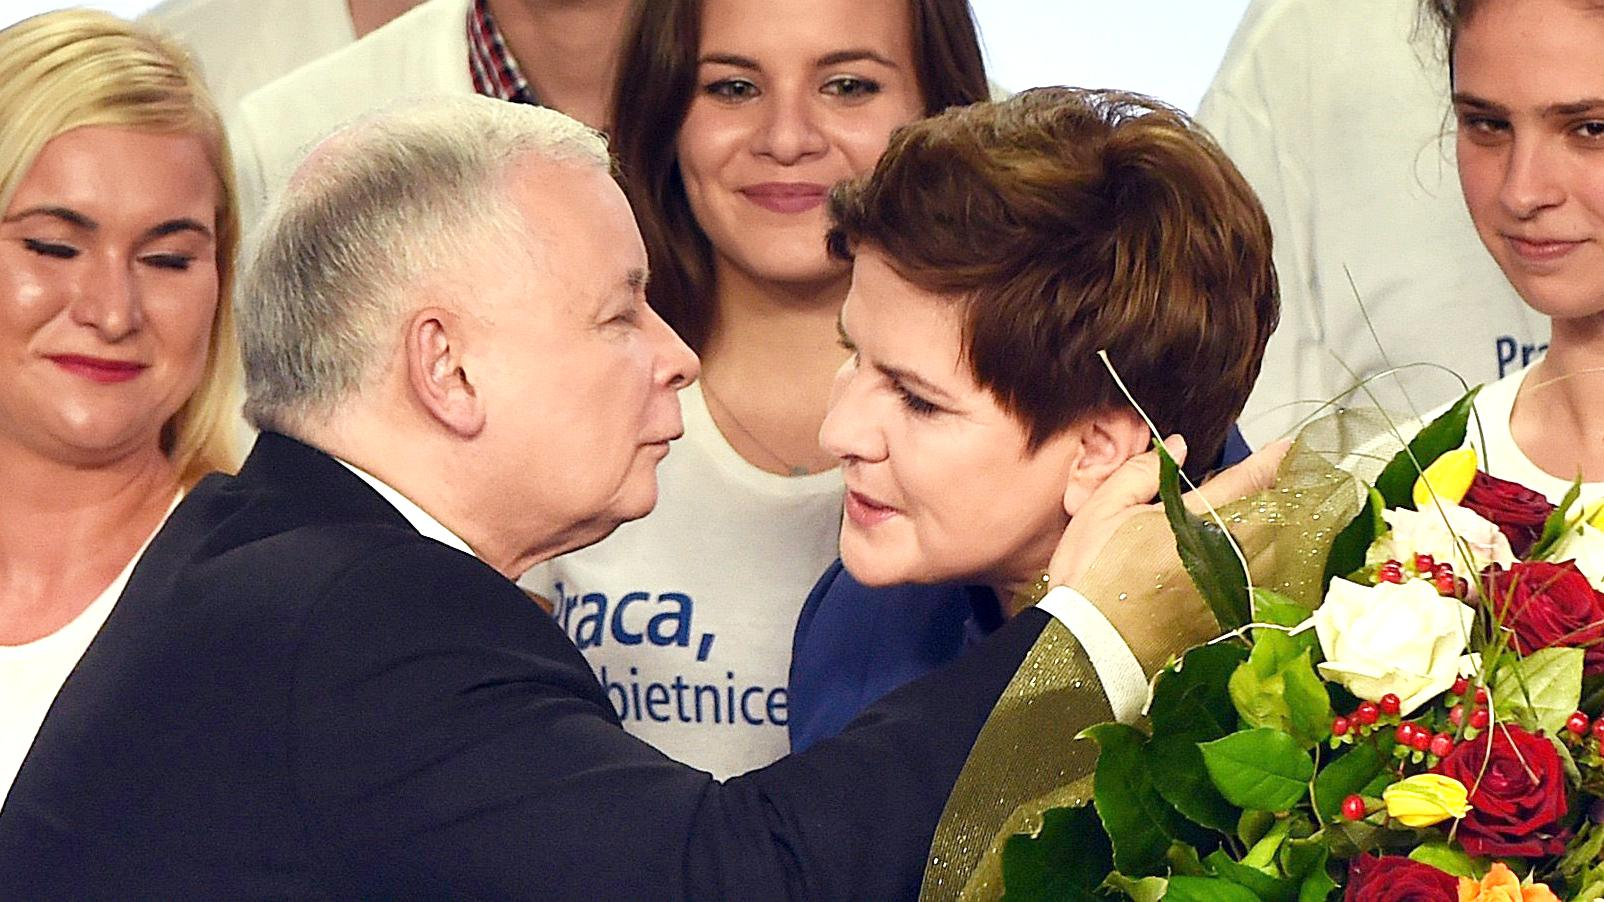 Nein, die Polen sind keine dummen Rechten